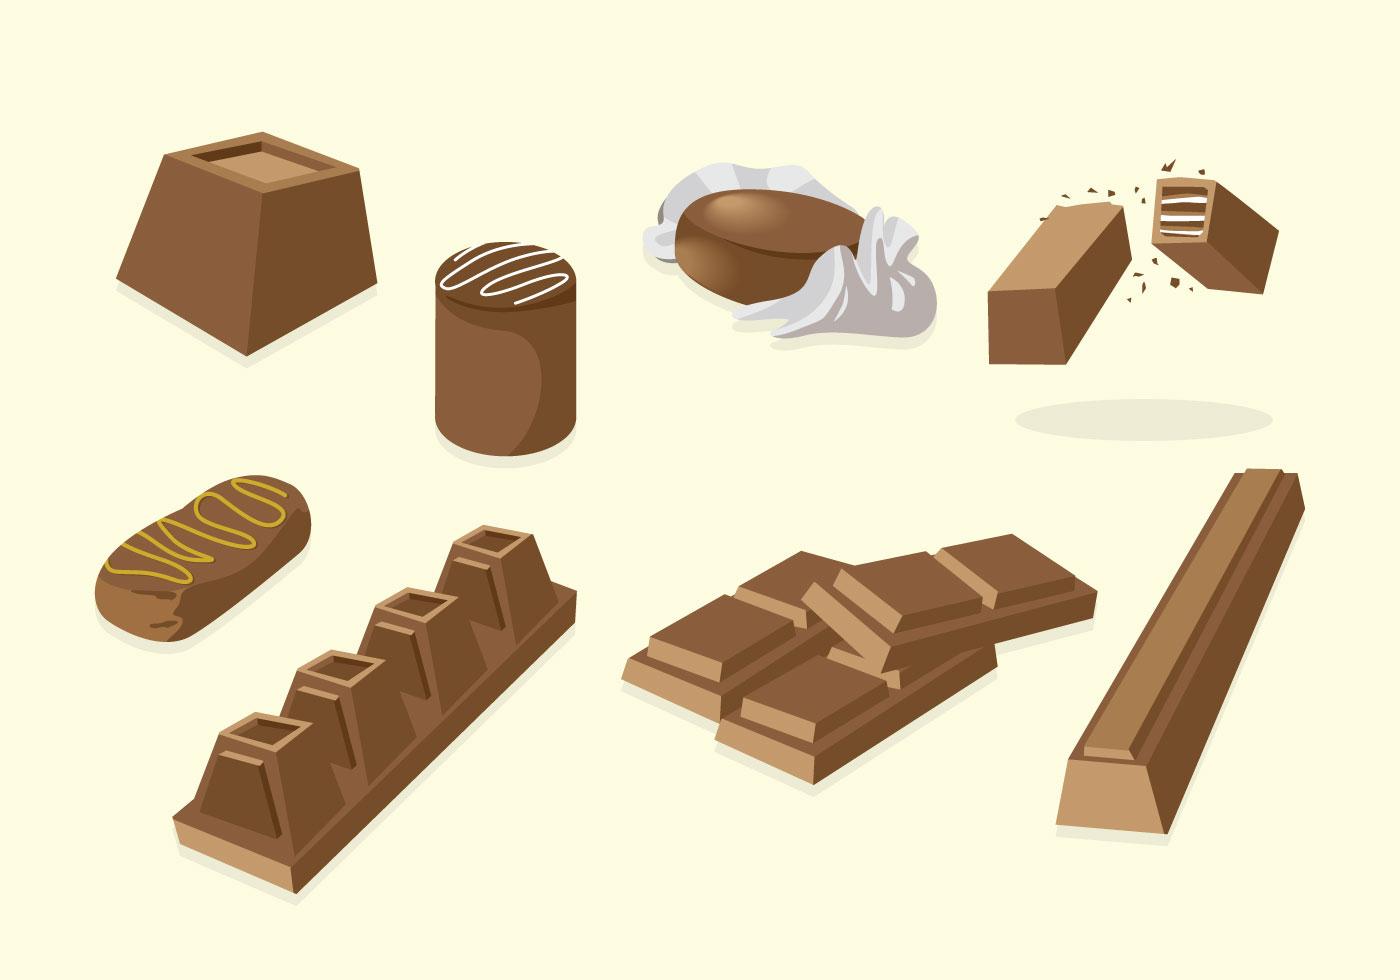 巧克力卡通 免費下載 | 天天瘋後製